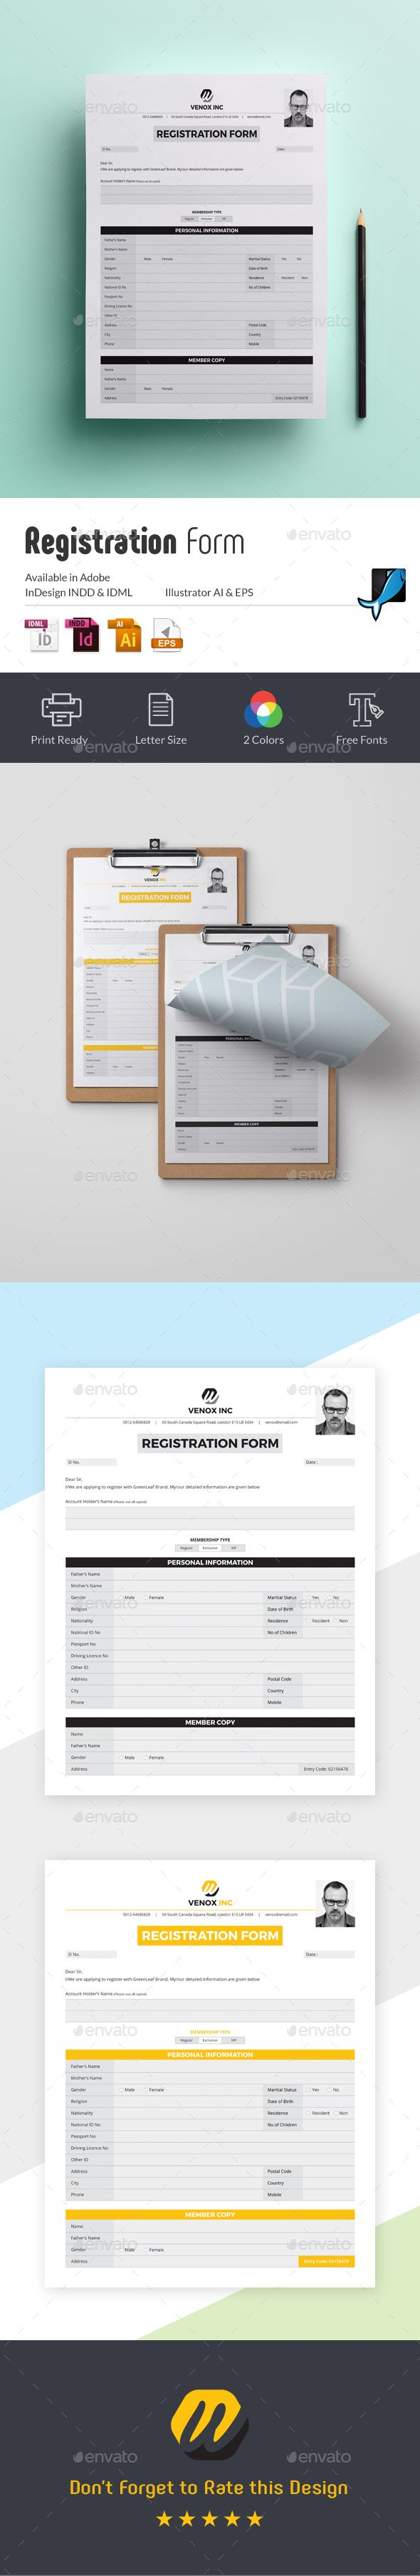 Paper Registration Form Template Registration Form  Pinterest  Registration Form Template And .